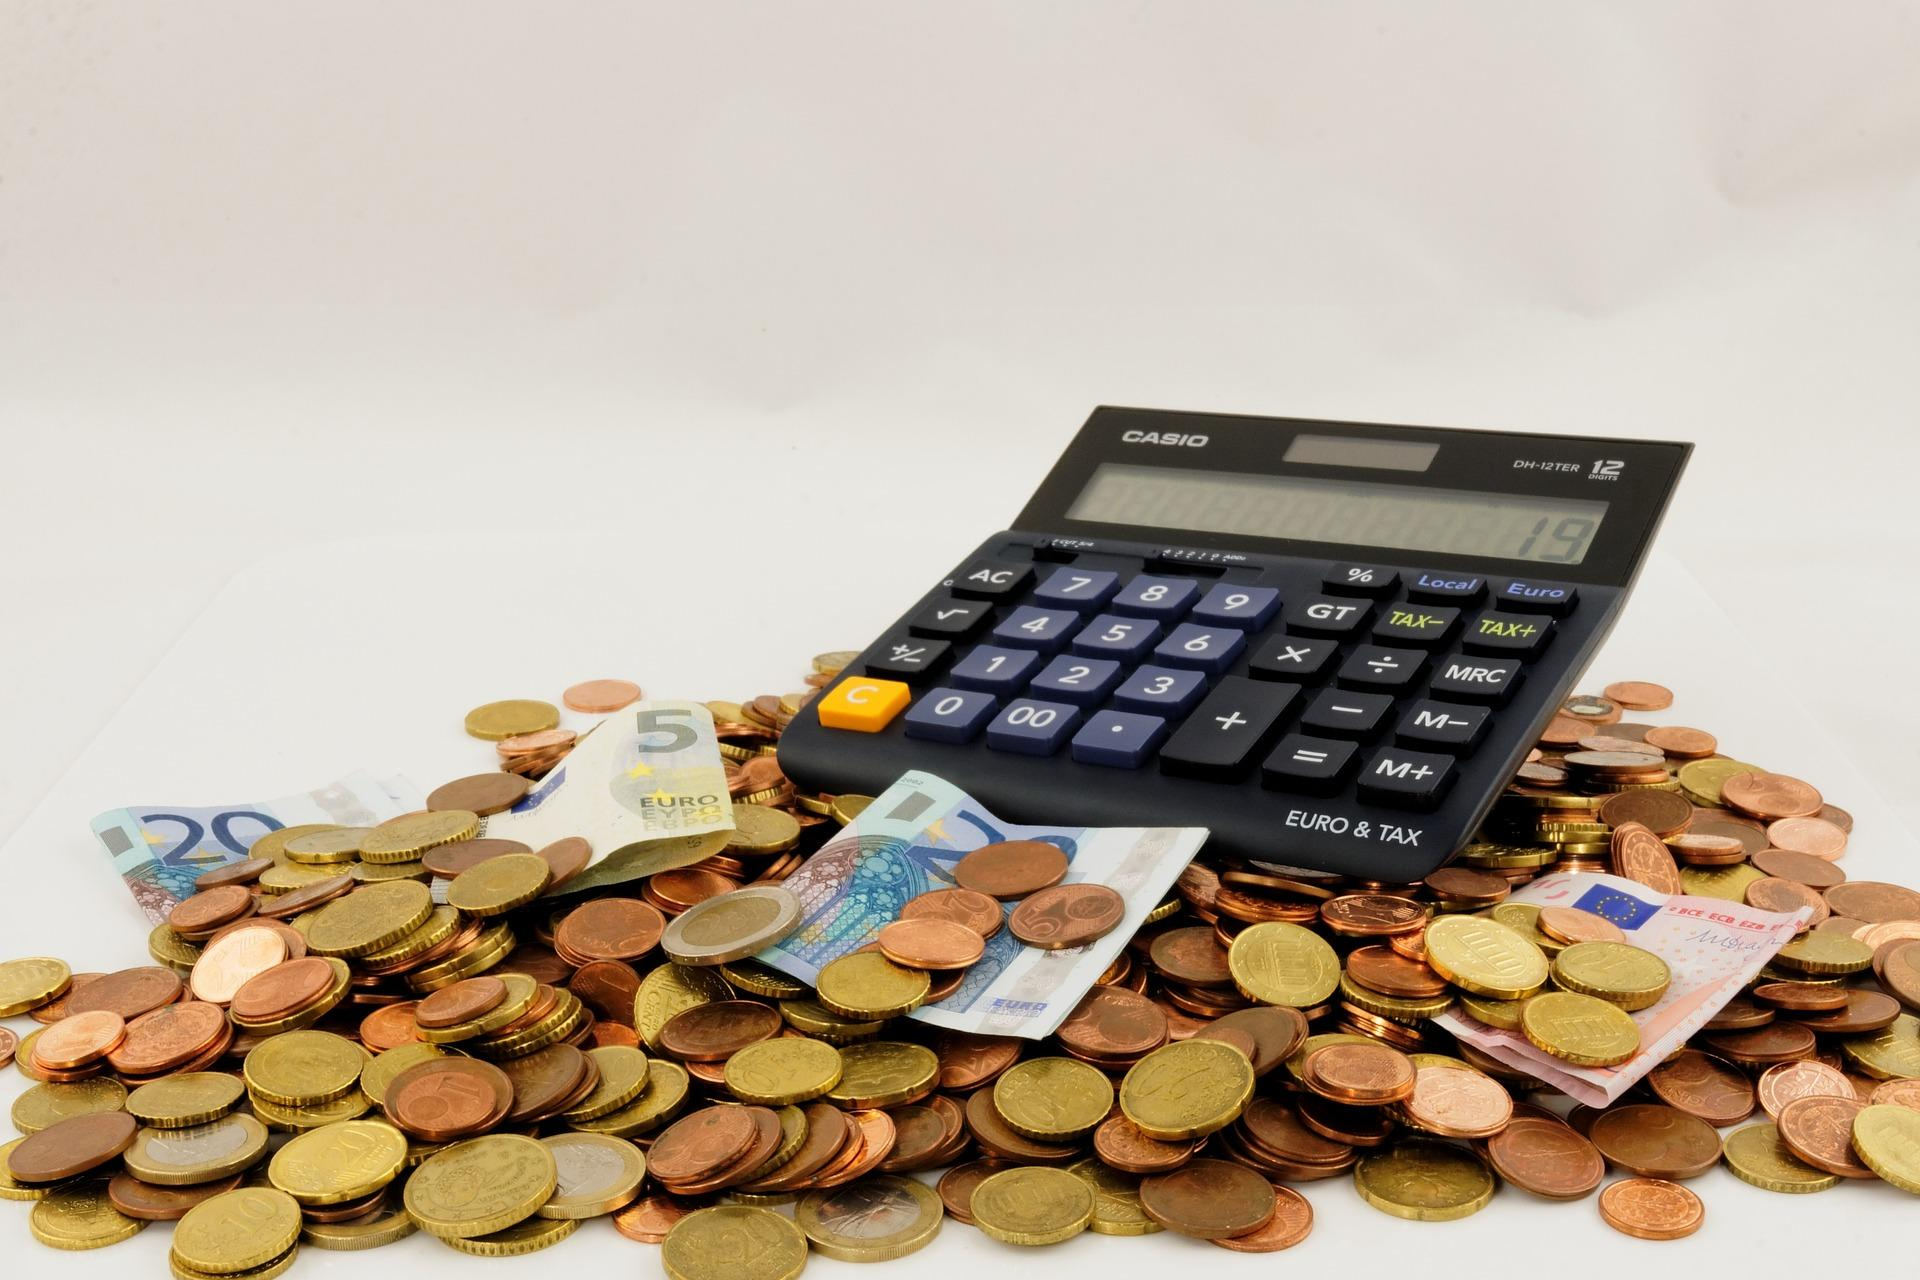 Steuerschulden und der Rechnungseinzug über fremdes Konto